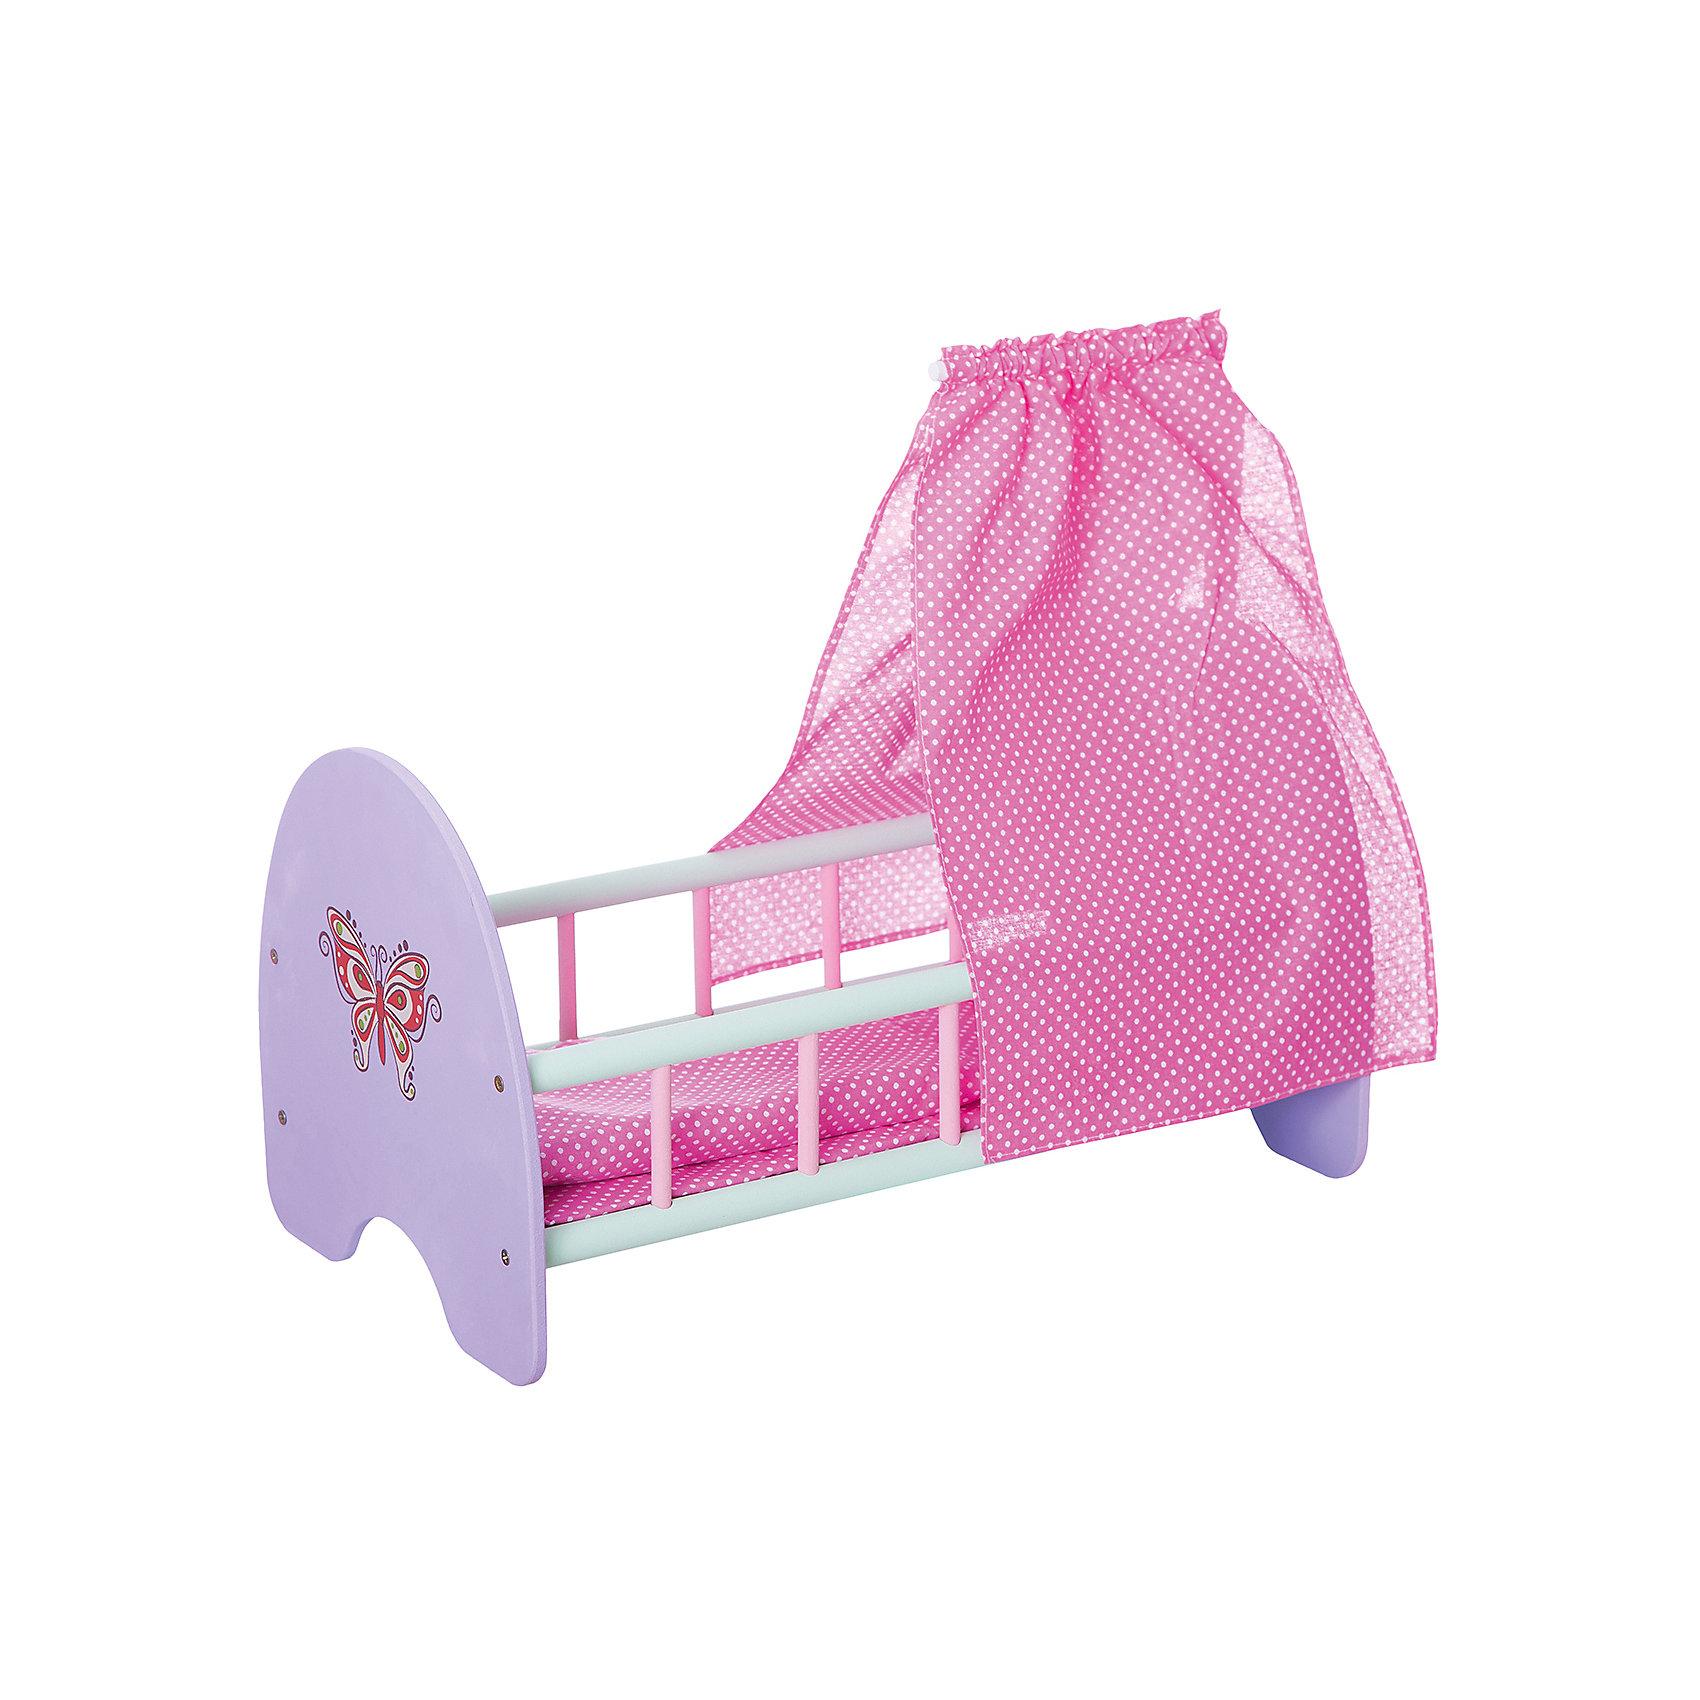 Деревянная кроватка для куклы Бабочка с пологом, 53*30*25 см, Mary PoppinsДомики и мебель<br>Деревянная кроватка для куклы Бабочка с пологом, 53*30*25 см, Mary Poppins.<br><br>Характеристики:<br><br>• Комплектация: кроватка, подушка, одеяло, матрасик, полог<br>• Размер: 53х30х25 см.<br>• Подходит для куклы высотой до 46 см.<br>• Продается в разобранном виде, легко собирается<br>• Материал: дерево, текстиль<br><br>Кукольная кроватка «Бабочка» сделана из экологически чистого материала — дерева. Все детали тщательно отшлифованы — игрушка безопасна для здоровья. Длина спального места — 51 см, кроватка подходит для большинства кукол-младенцев. Кроватка укомплектована, матрасом, подушкой и одеялом. Спинка кроватки украшена рисунком в виде изящной бабочки, боковые части – решетчатые. Кроватка отлично подойдет для сюжетно-ролевых игр в «дочки-матери».<br><br>Деревянную кроватку для куклы Бабочка с пологом, 53*30*25 см, Mary Poppins можно купить в нашем интернет-магазине.<br><br>Ширина мм: 530<br>Глубина мм: 300<br>Высота мм: 250<br>Вес г: 1667<br>Возраст от месяцев: 24<br>Возраст до месяцев: 2147483647<br>Пол: Женский<br>Возраст: Детский<br>SKU: 5402748